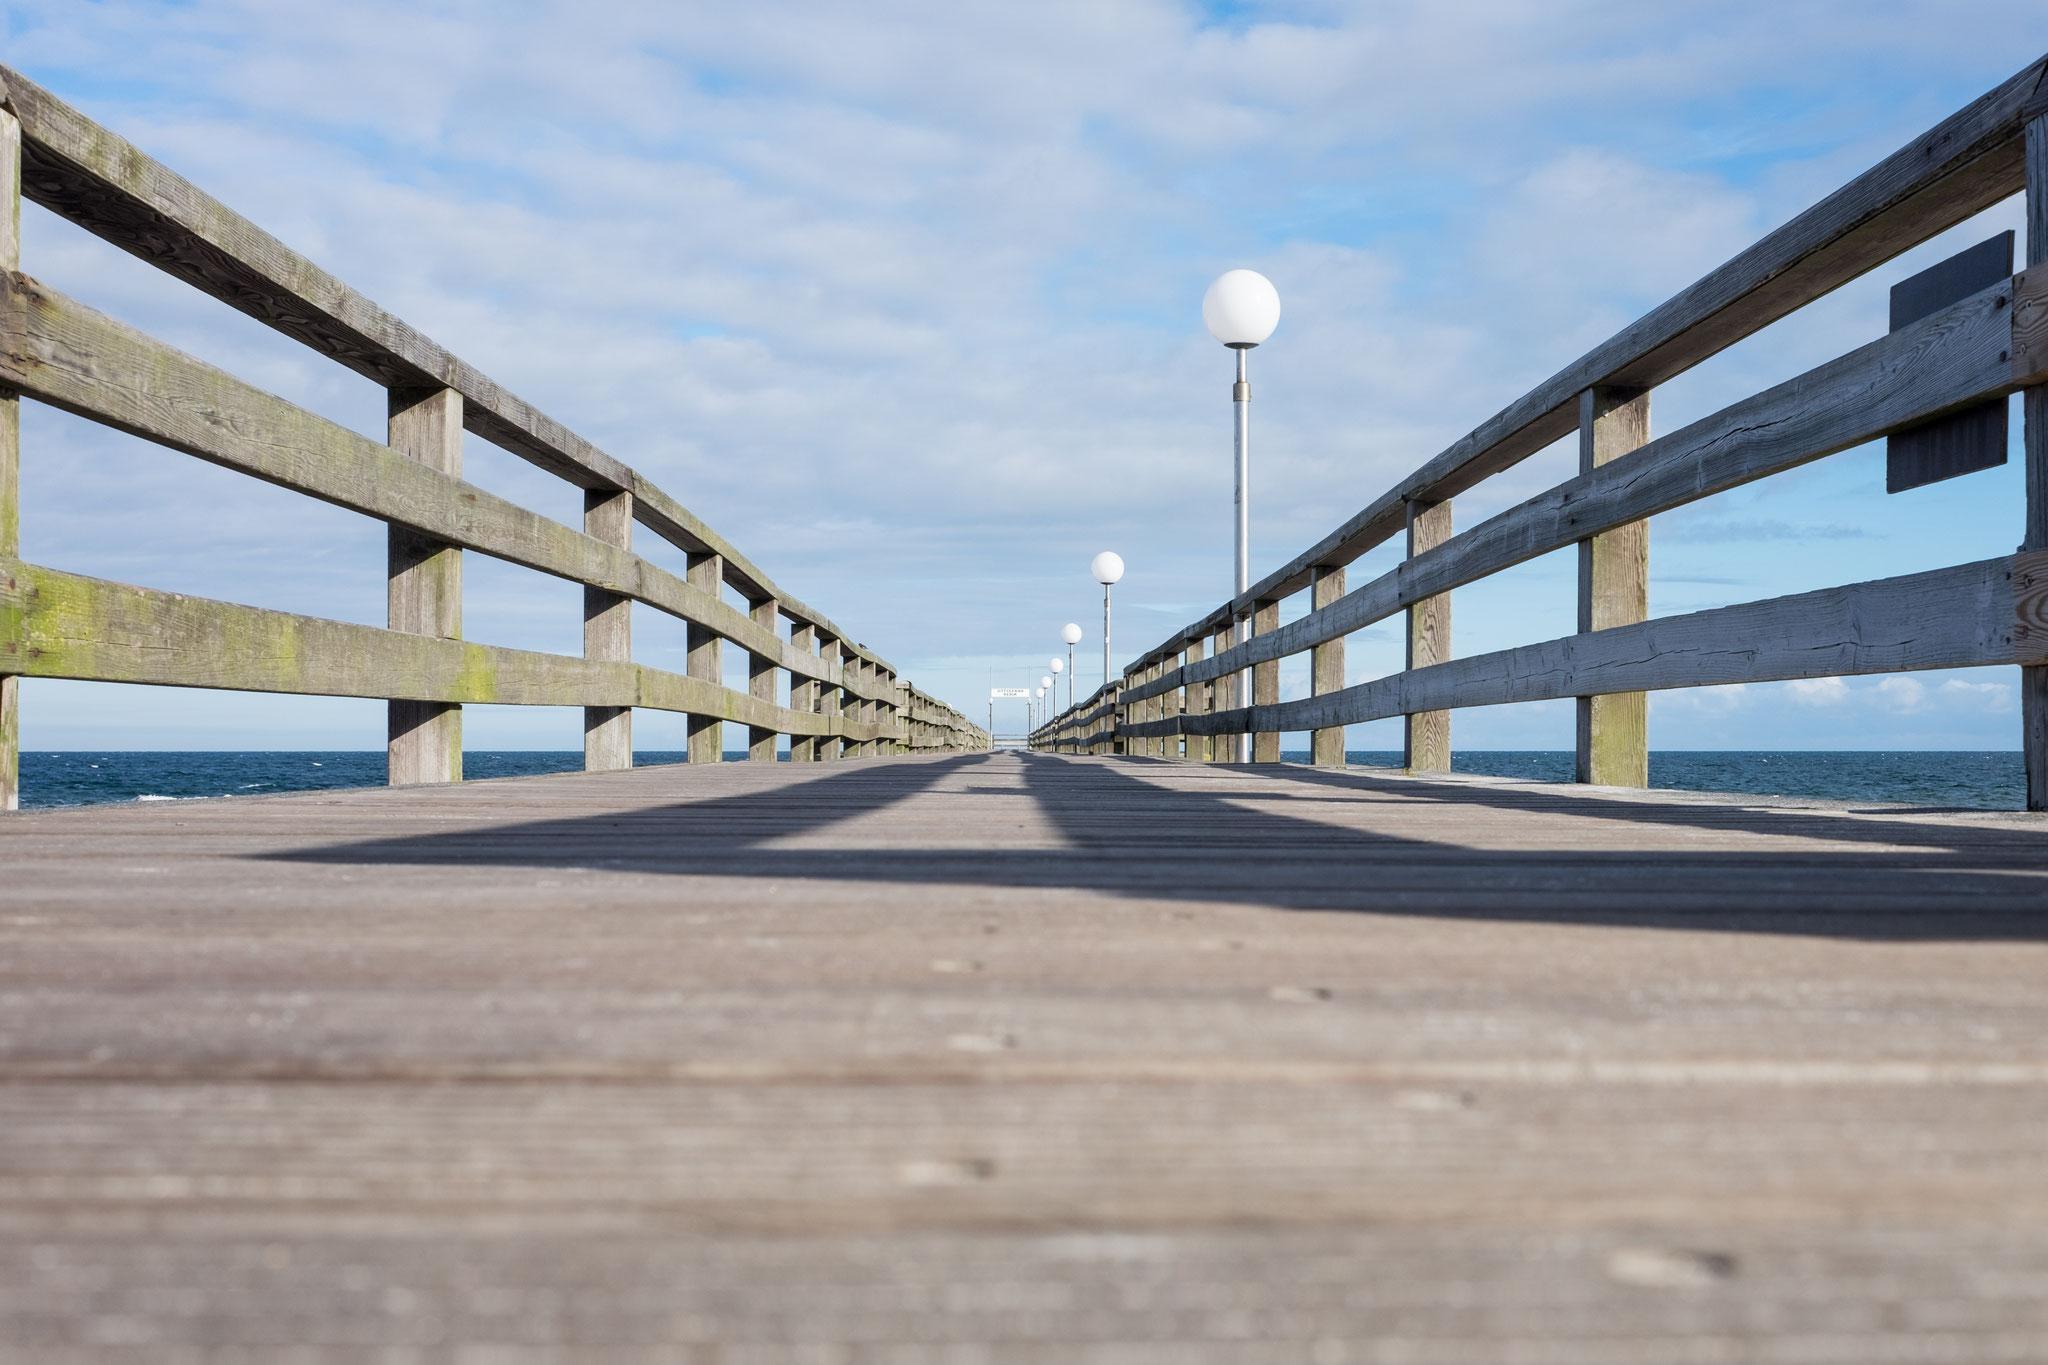 Seebrücke in Rerik